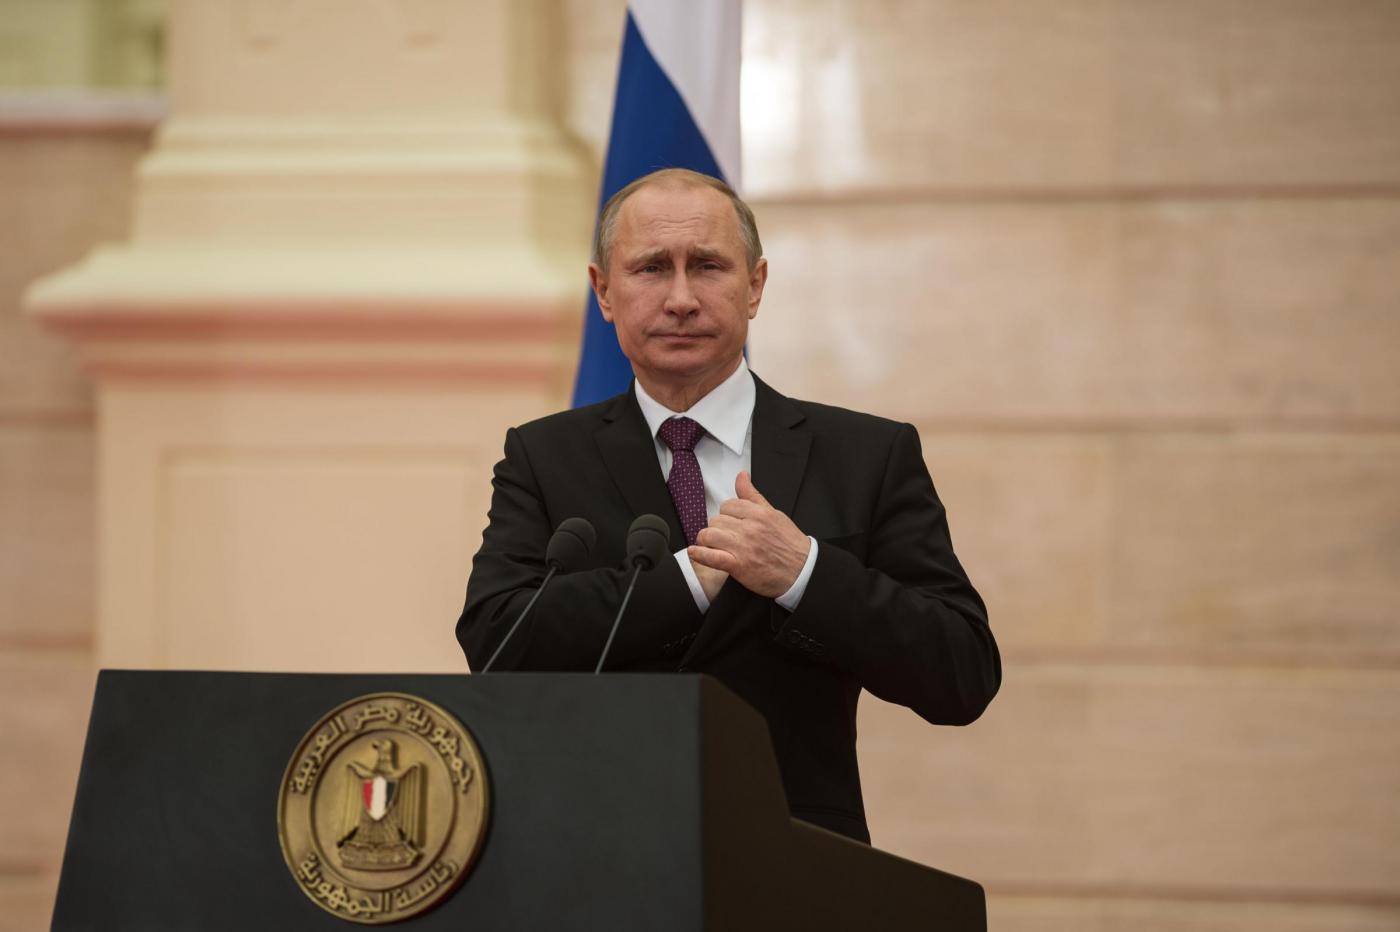 Ucraina Russia news, guerra scongiurata: Putin accetta il cessate il fuoco